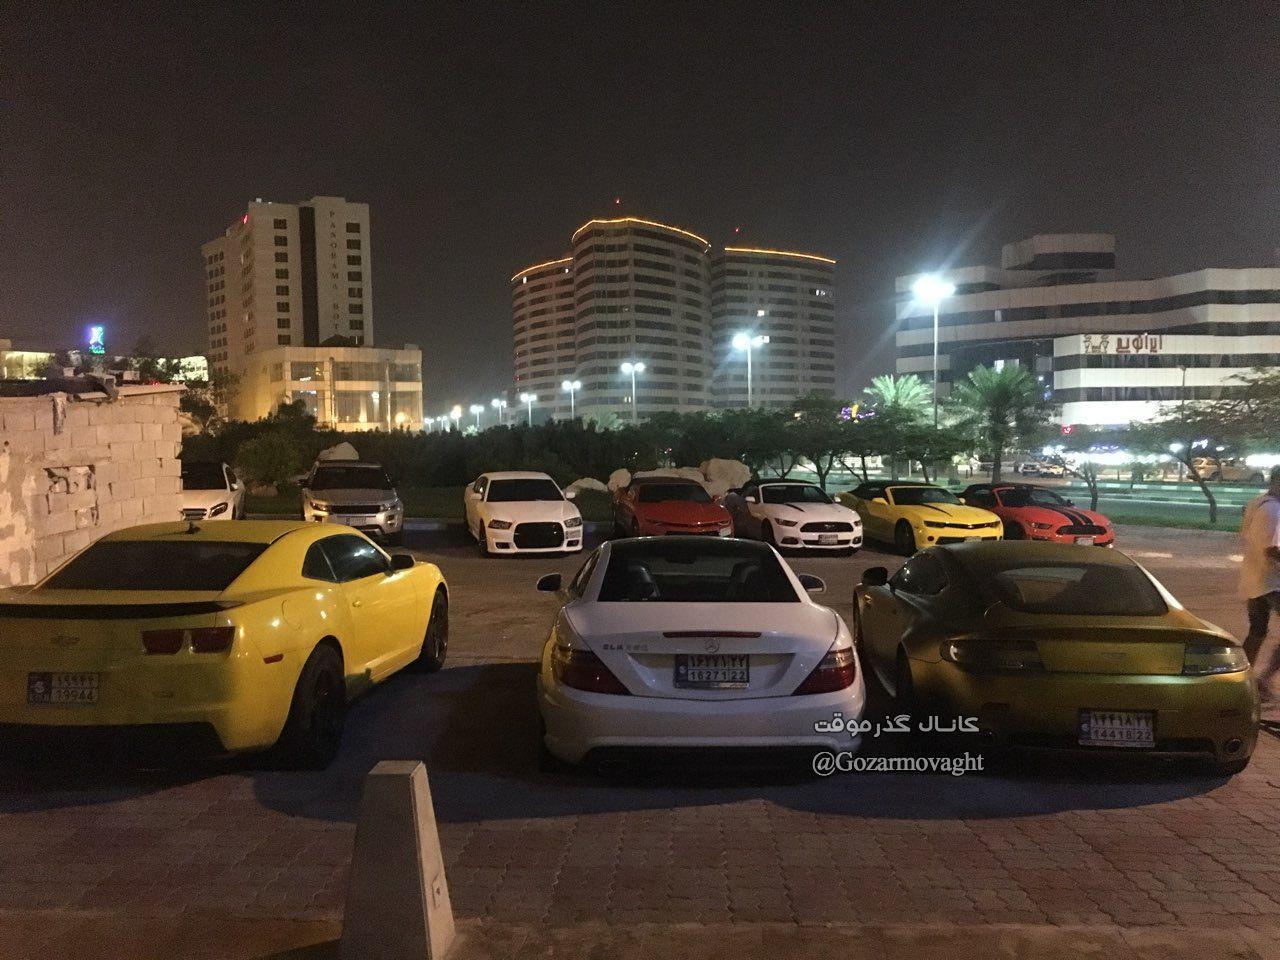 تجمع خودروهای لوکس در جزیره کیش